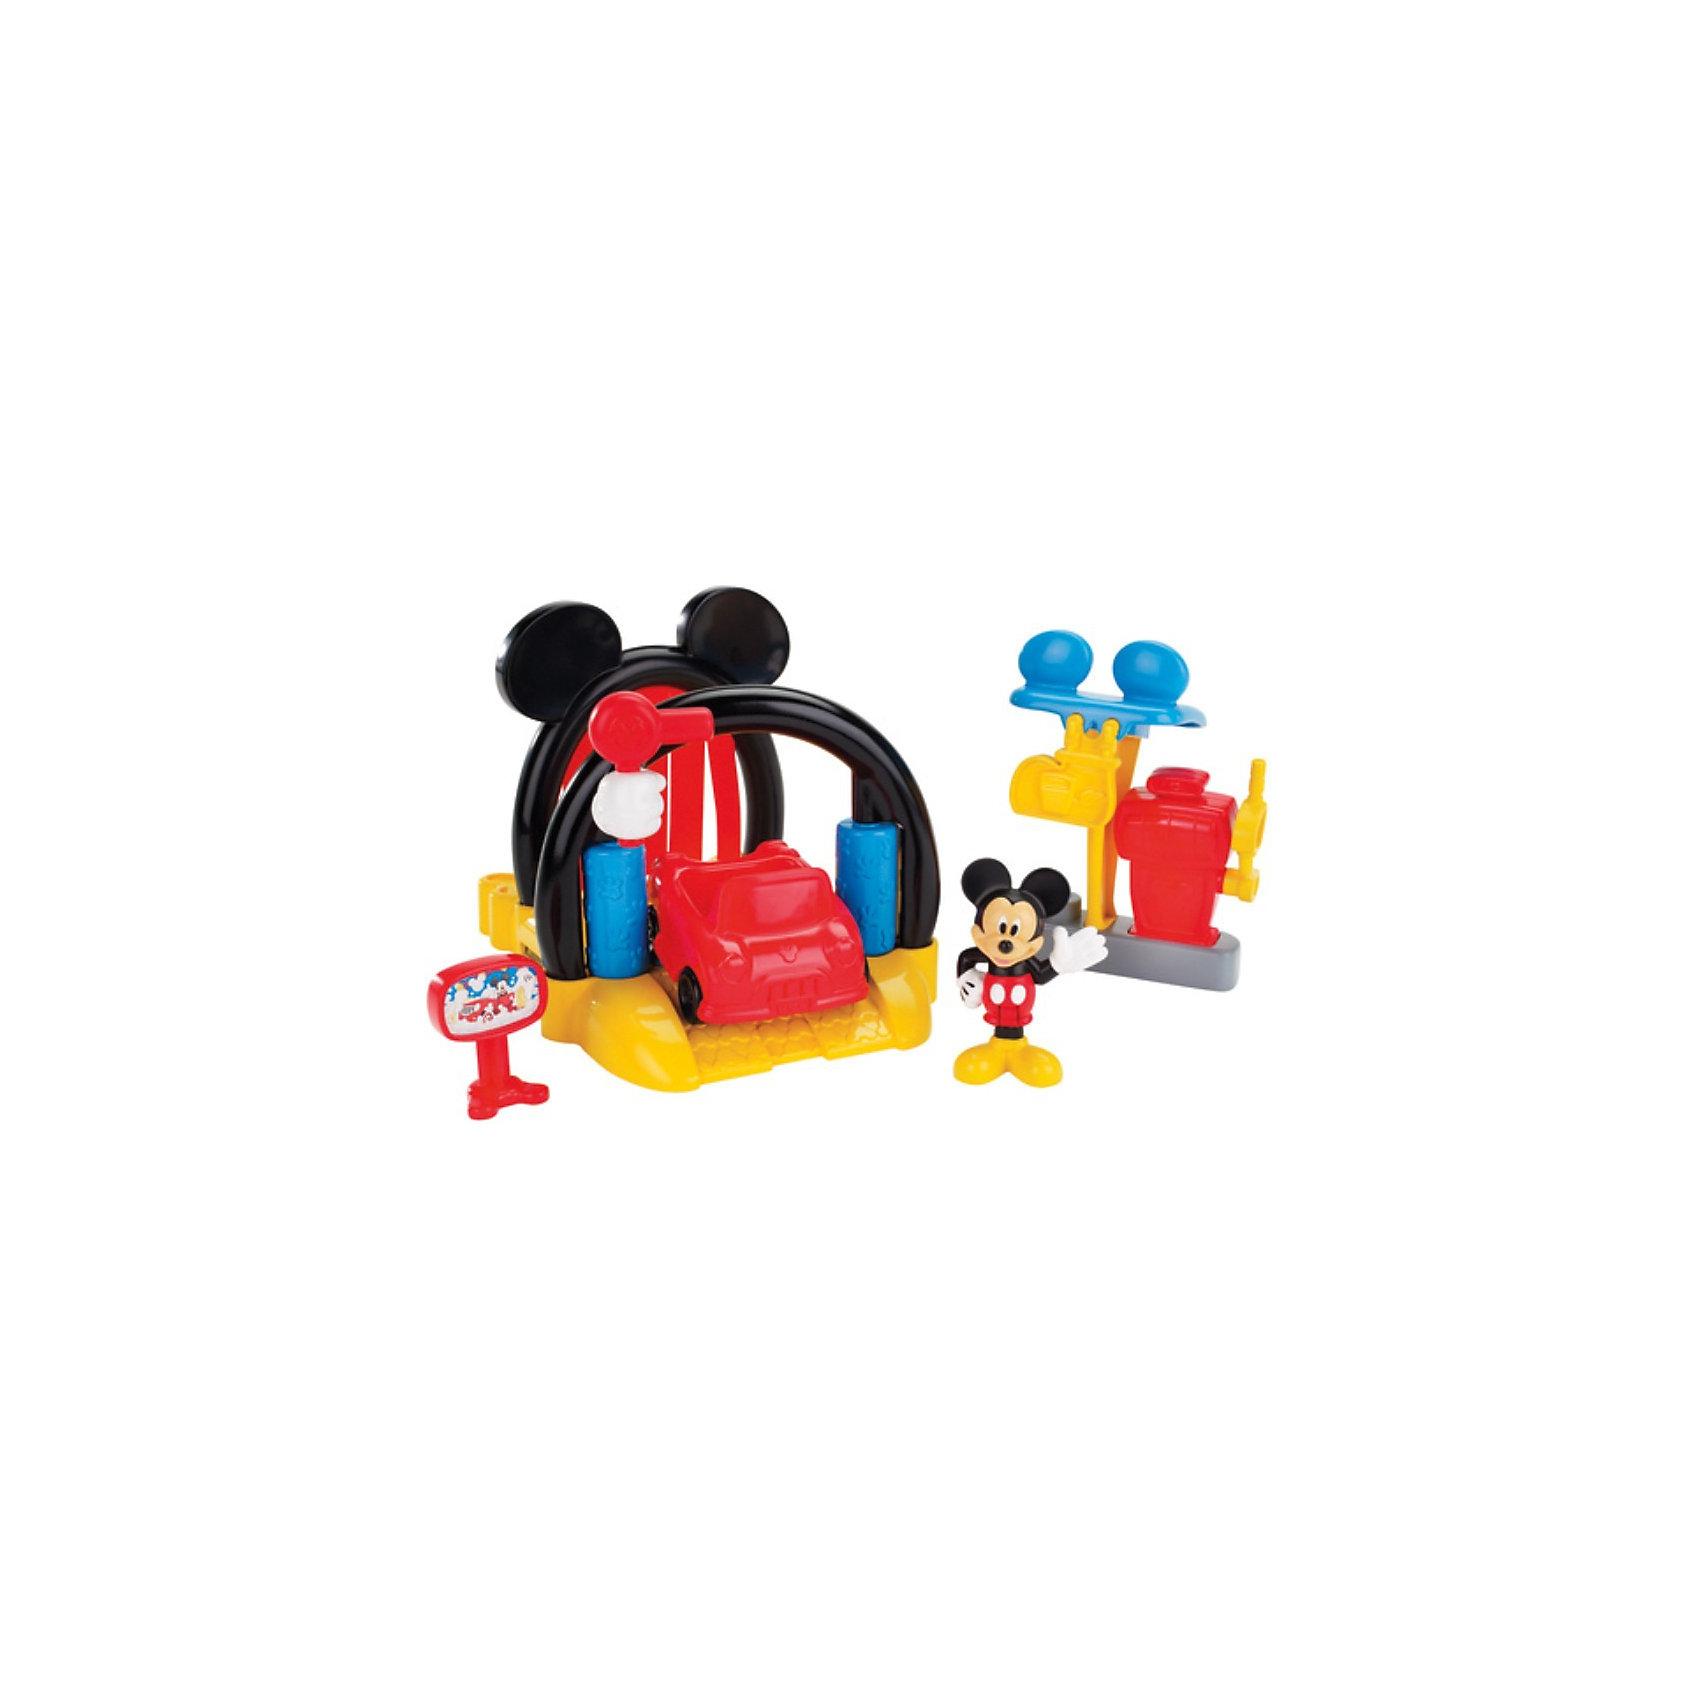 Игровой набор Автомойка, Микки МаусИгровой набор Автомойка, Микки Маус, Fisher-Price обязательно привлечет внимание Вашего ребенка своей красочностью и множеством занимательных деталей. Дизайн набора выполнен в стиле популярных диснеевских мультфильмов о мышонке Микки-Маусе (Mickey Mouse) и его друзьях. Машина Микки загрязнилась и он привез почистить ее на автомойку. Красочная автомойка с аркой в виде головы Микки оснащена всем необходимым для ухода за автомобилем. <br><br>Поместите машину на желтую платформу и потяните специальный рычажок - машина отправится на промывку: сначала она пройдет участок с тканевыми занавесками, где покроется пеной, затем пройдет через ролики для сильной очистки, и в завершение -просушка. После мойки машины ее можно будет заправить на заправке  с помощью канистры с топливом. У машинки крутятся колеса, у фигурки Микки сгибаются ноги, его можно посадить в машинку.<br><br>Дополнительная информация:<br><br>- В комплекте: фигурка Микки, автомобиль, автомойка, автозаправка, топливная станция.<br>- Материал: пластик, текстиль.<br>- Высота фигурки: 7 см.<br>- Размер автомобиля: 7,5 см.<br>- Размер автомойки: 20 х 16 х 13,5 см.<br>- Размер упаковки: 35,5 х 16 х 23 см.<br>- Вес: 0,909 кг.<br><br>Игровой набор Автомойка, Микки Маус, Fisher-Price (Фишер-Прайс) можно купить в нашем интернет-магазине.<br><br>Ширина мм: 230<br>Глубина мм: 160<br>Высота мм: 355<br>Вес г: 909<br>Возраст от месяцев: 36<br>Возраст до месяцев: 84<br>Пол: Женский<br>Возраст: Детский<br>SKU: 3847355